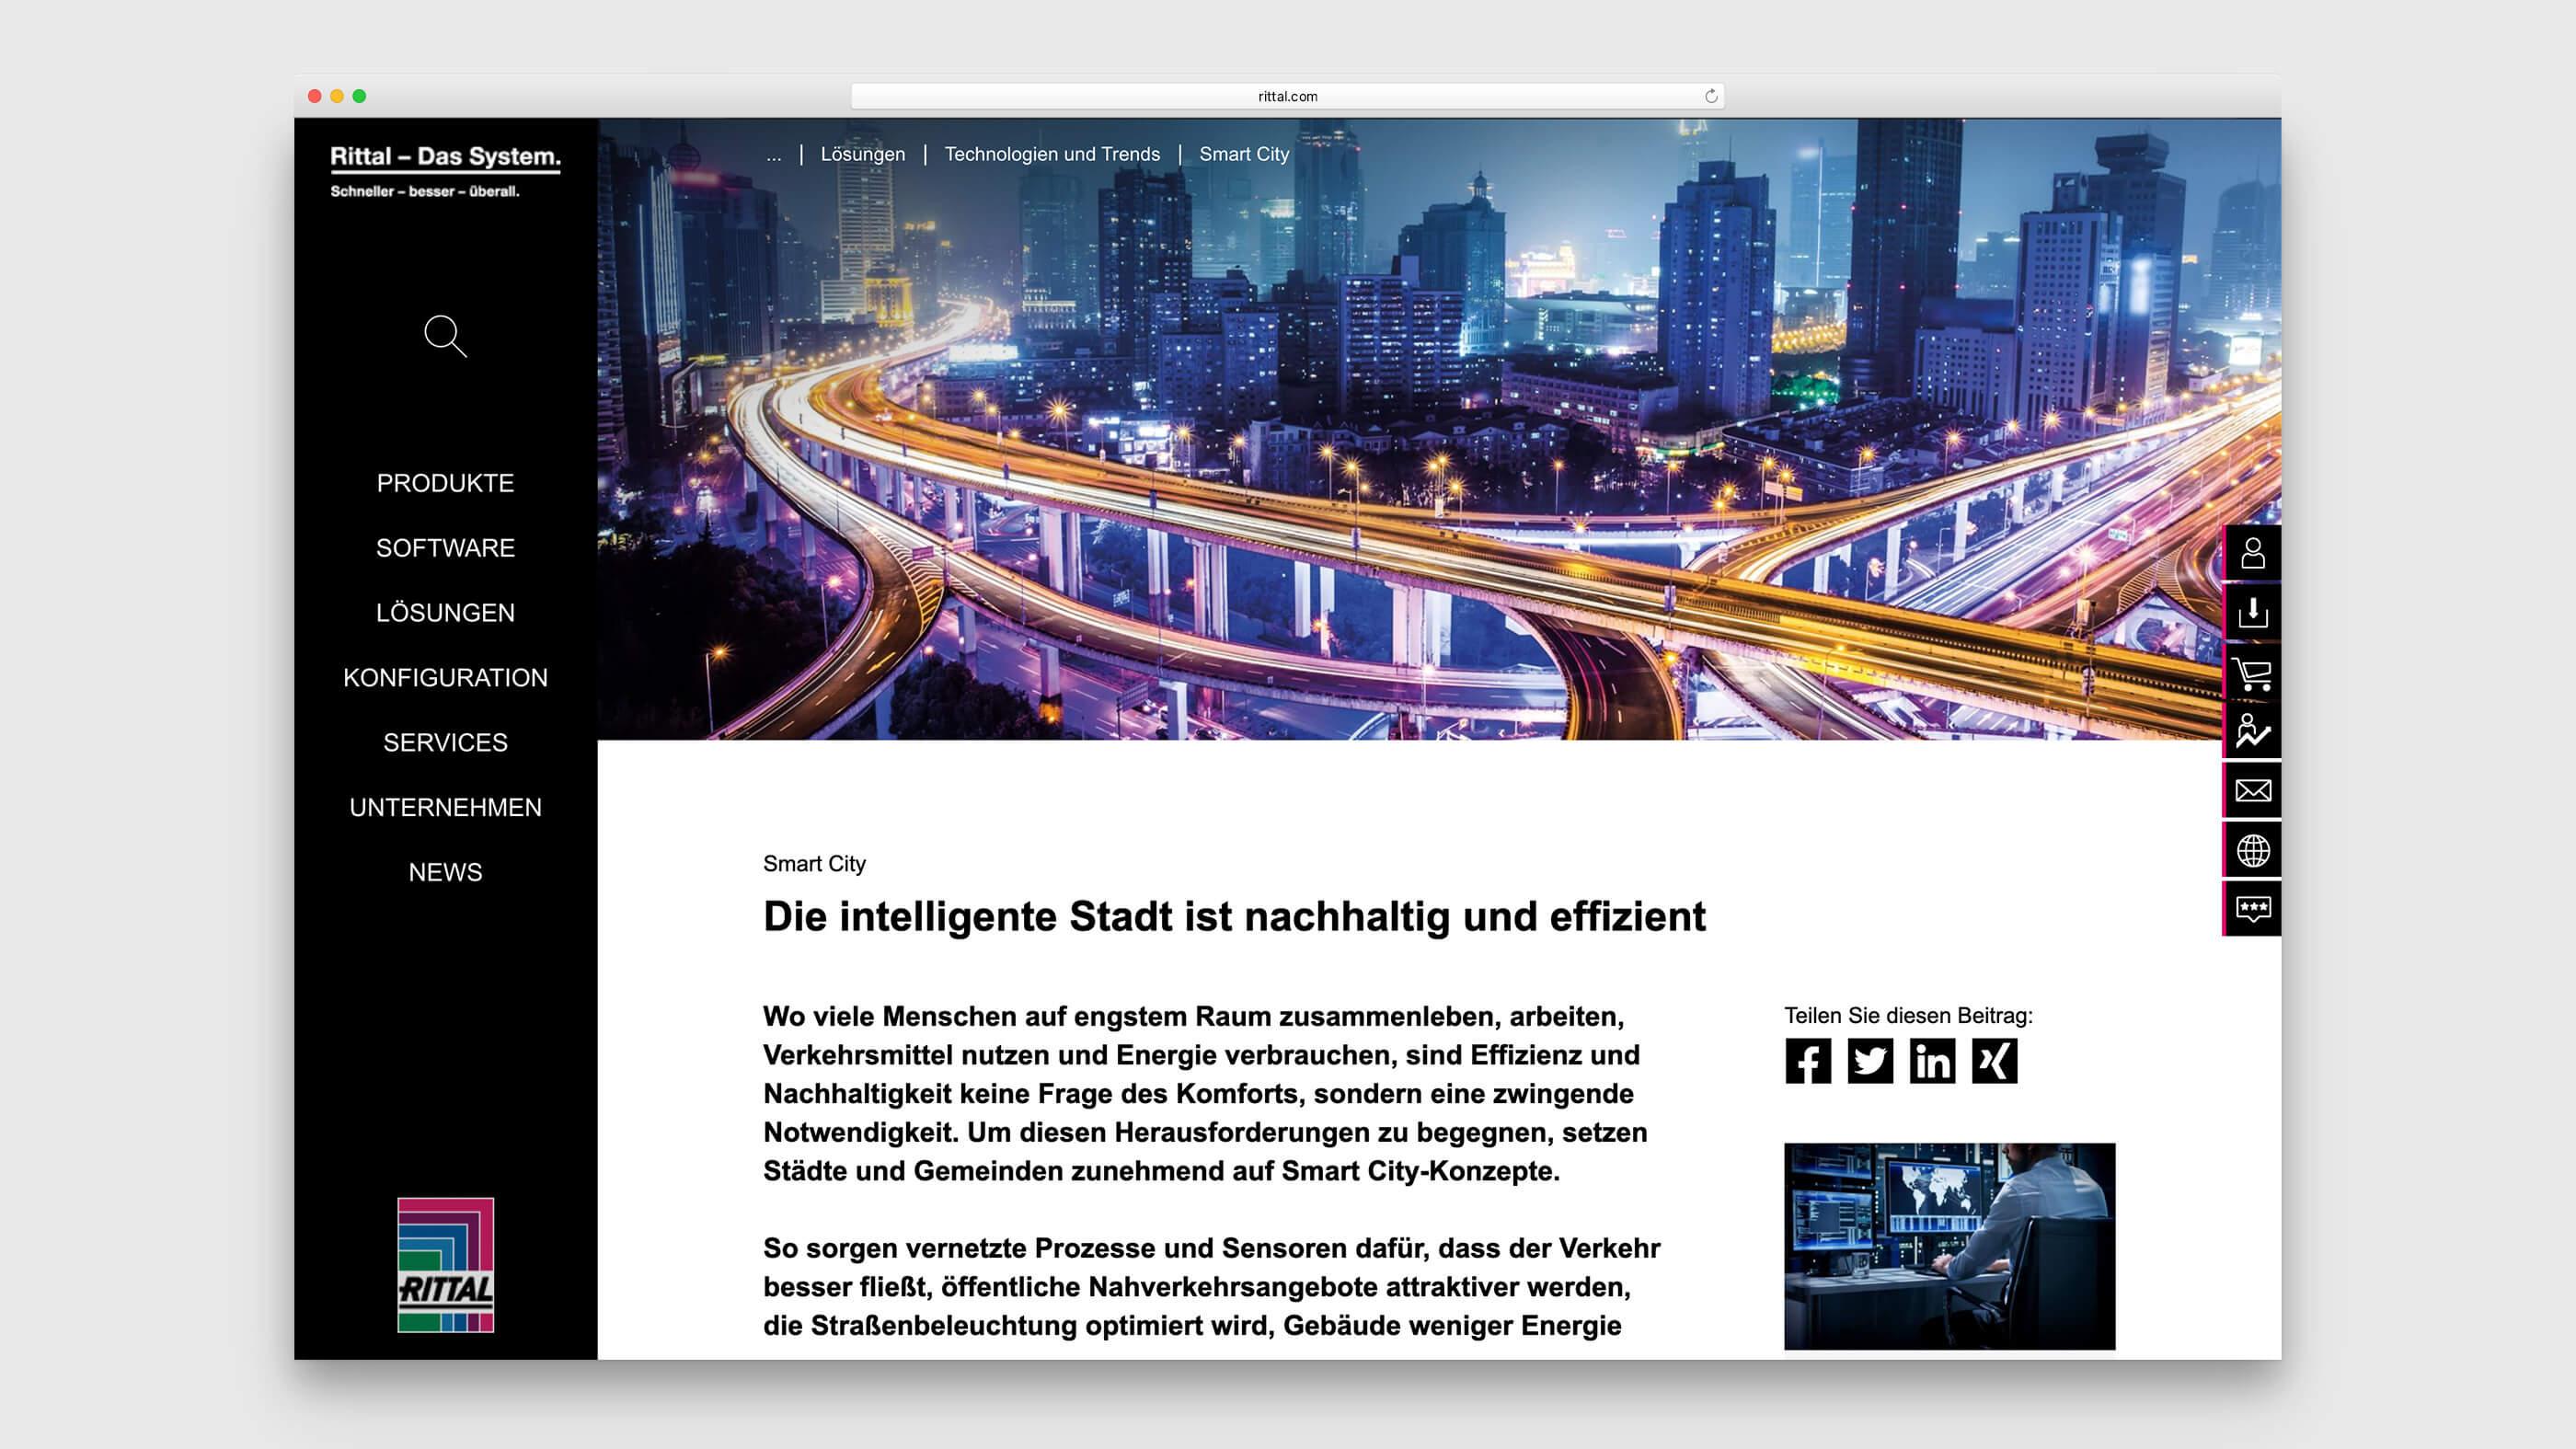 Metropole bei Nacht als Beispiel für Smart City